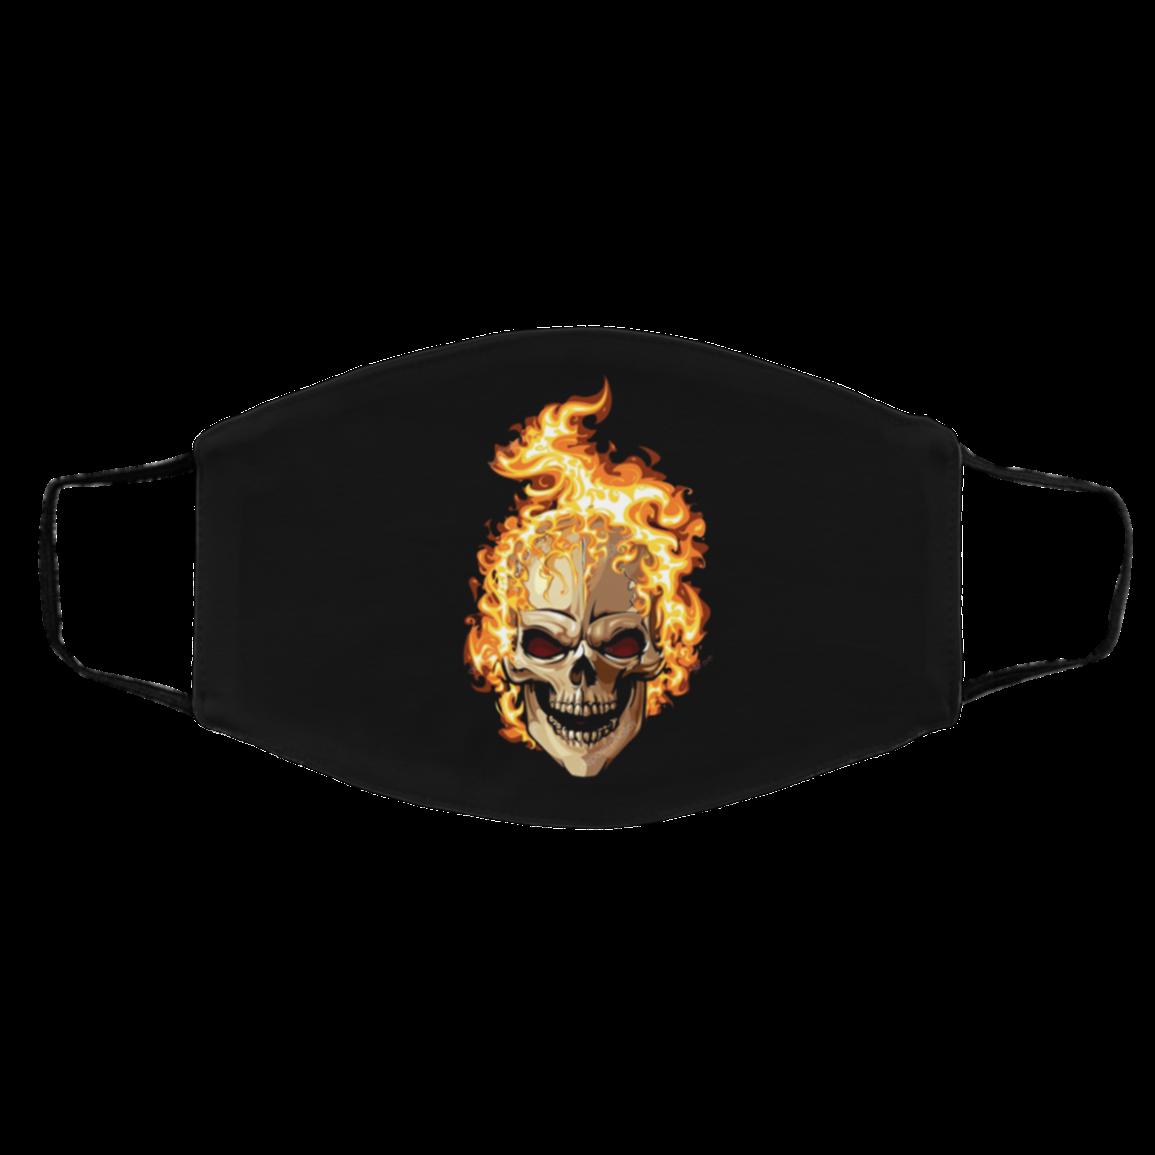 B-elgi-an Flag Skull Face Masks Sale For 2020